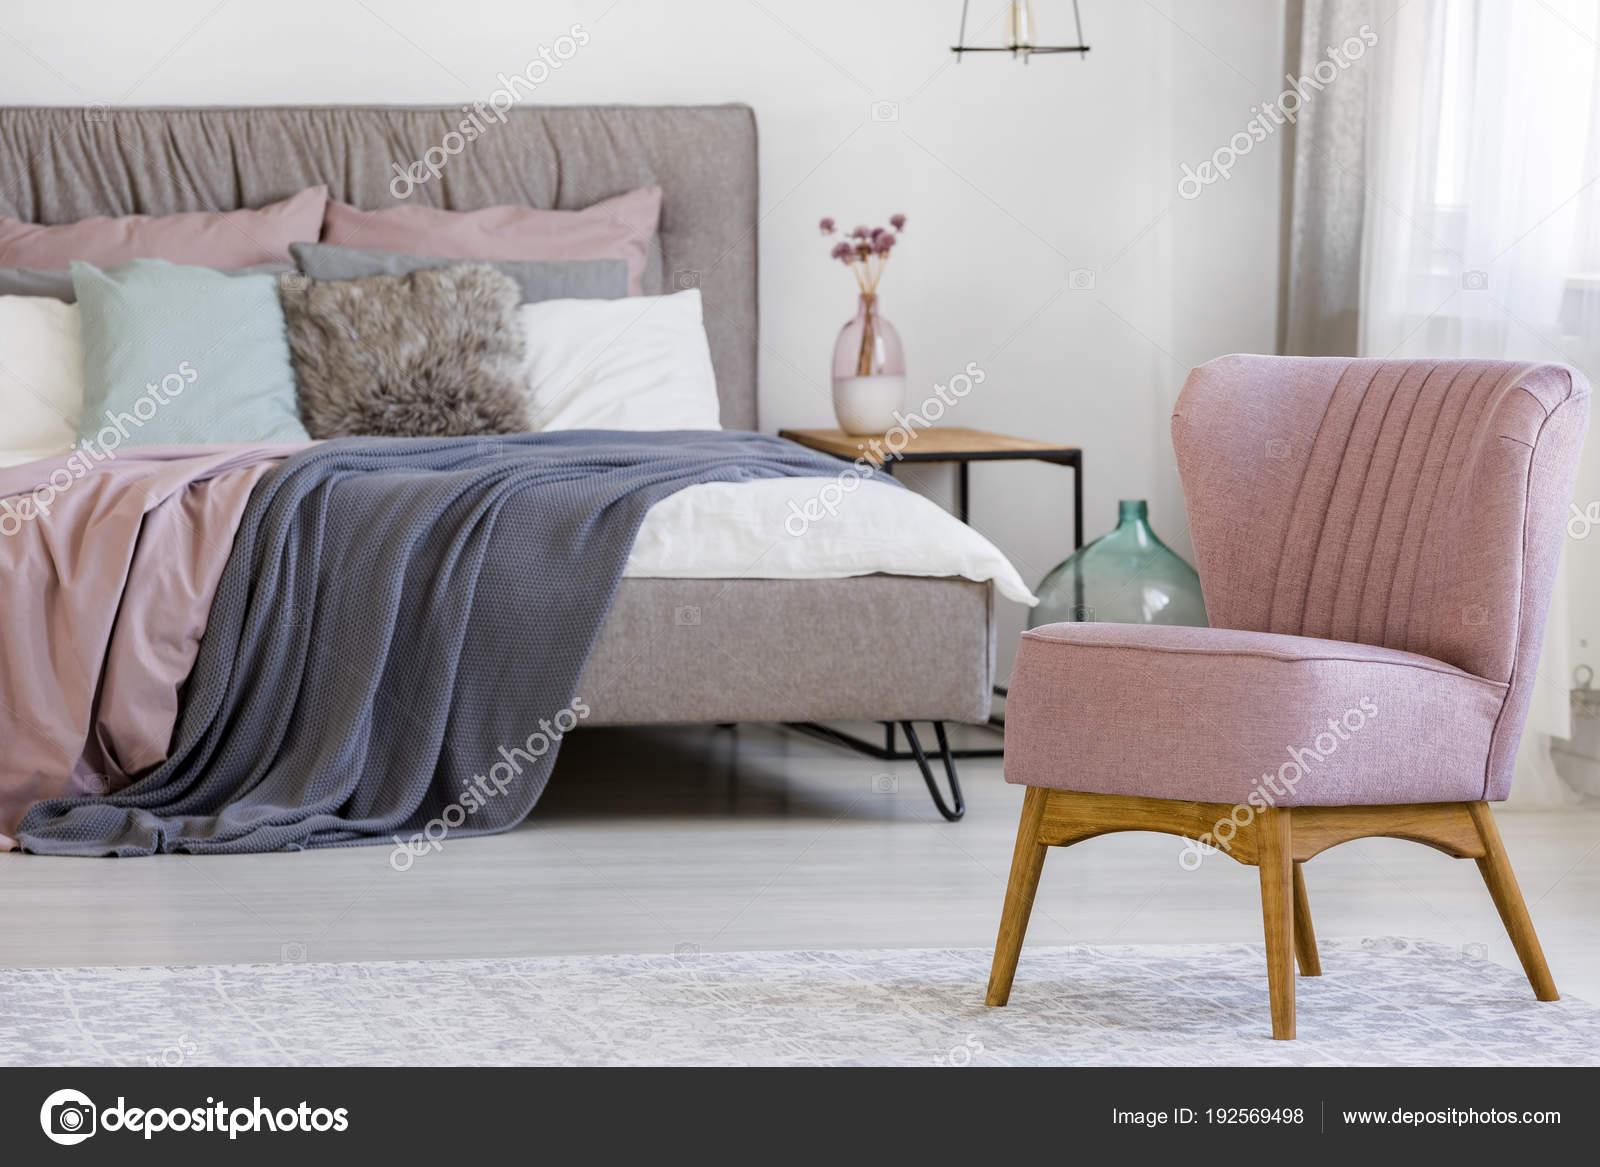 Roze Slaapkamer Stoel : Roze stoel in slaapkamer u stockfoto photographee eu